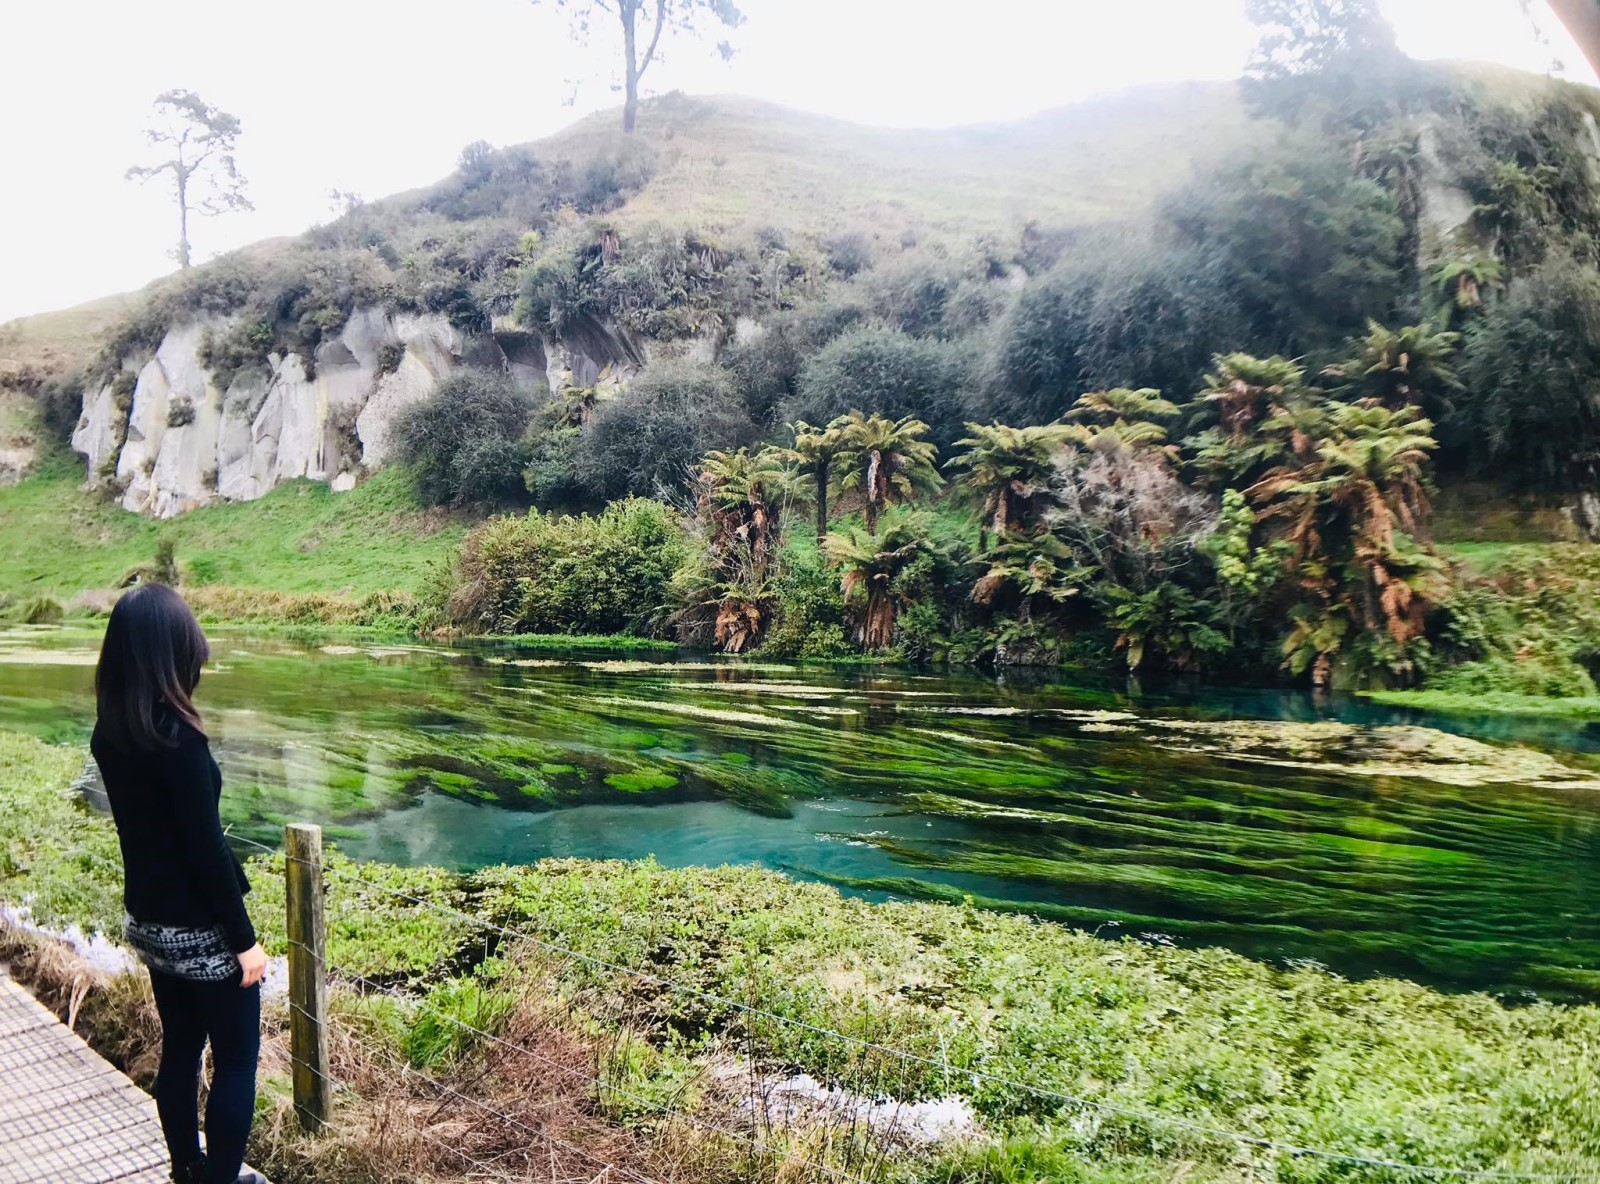 【紐西蘭NZ優惠】紐西蘭當地人都在用,提供最多優惠的紐西蘭訂票平台Bookme